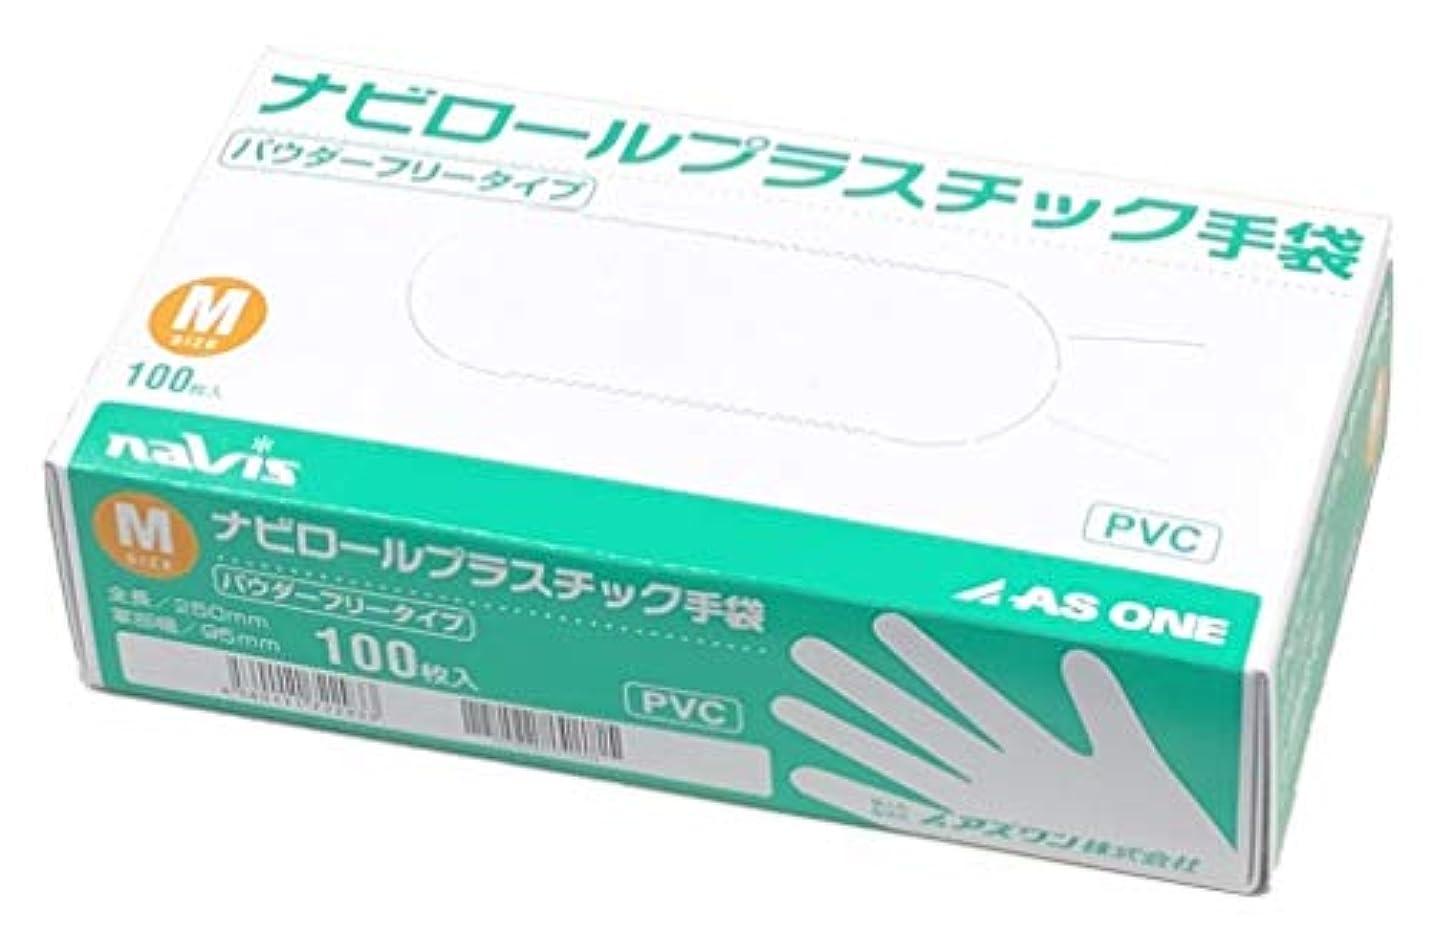 ヒゲプラットフォームシャックルアズワン ナビロールプラスチック手袋(パウダーフリー) M 100枚入